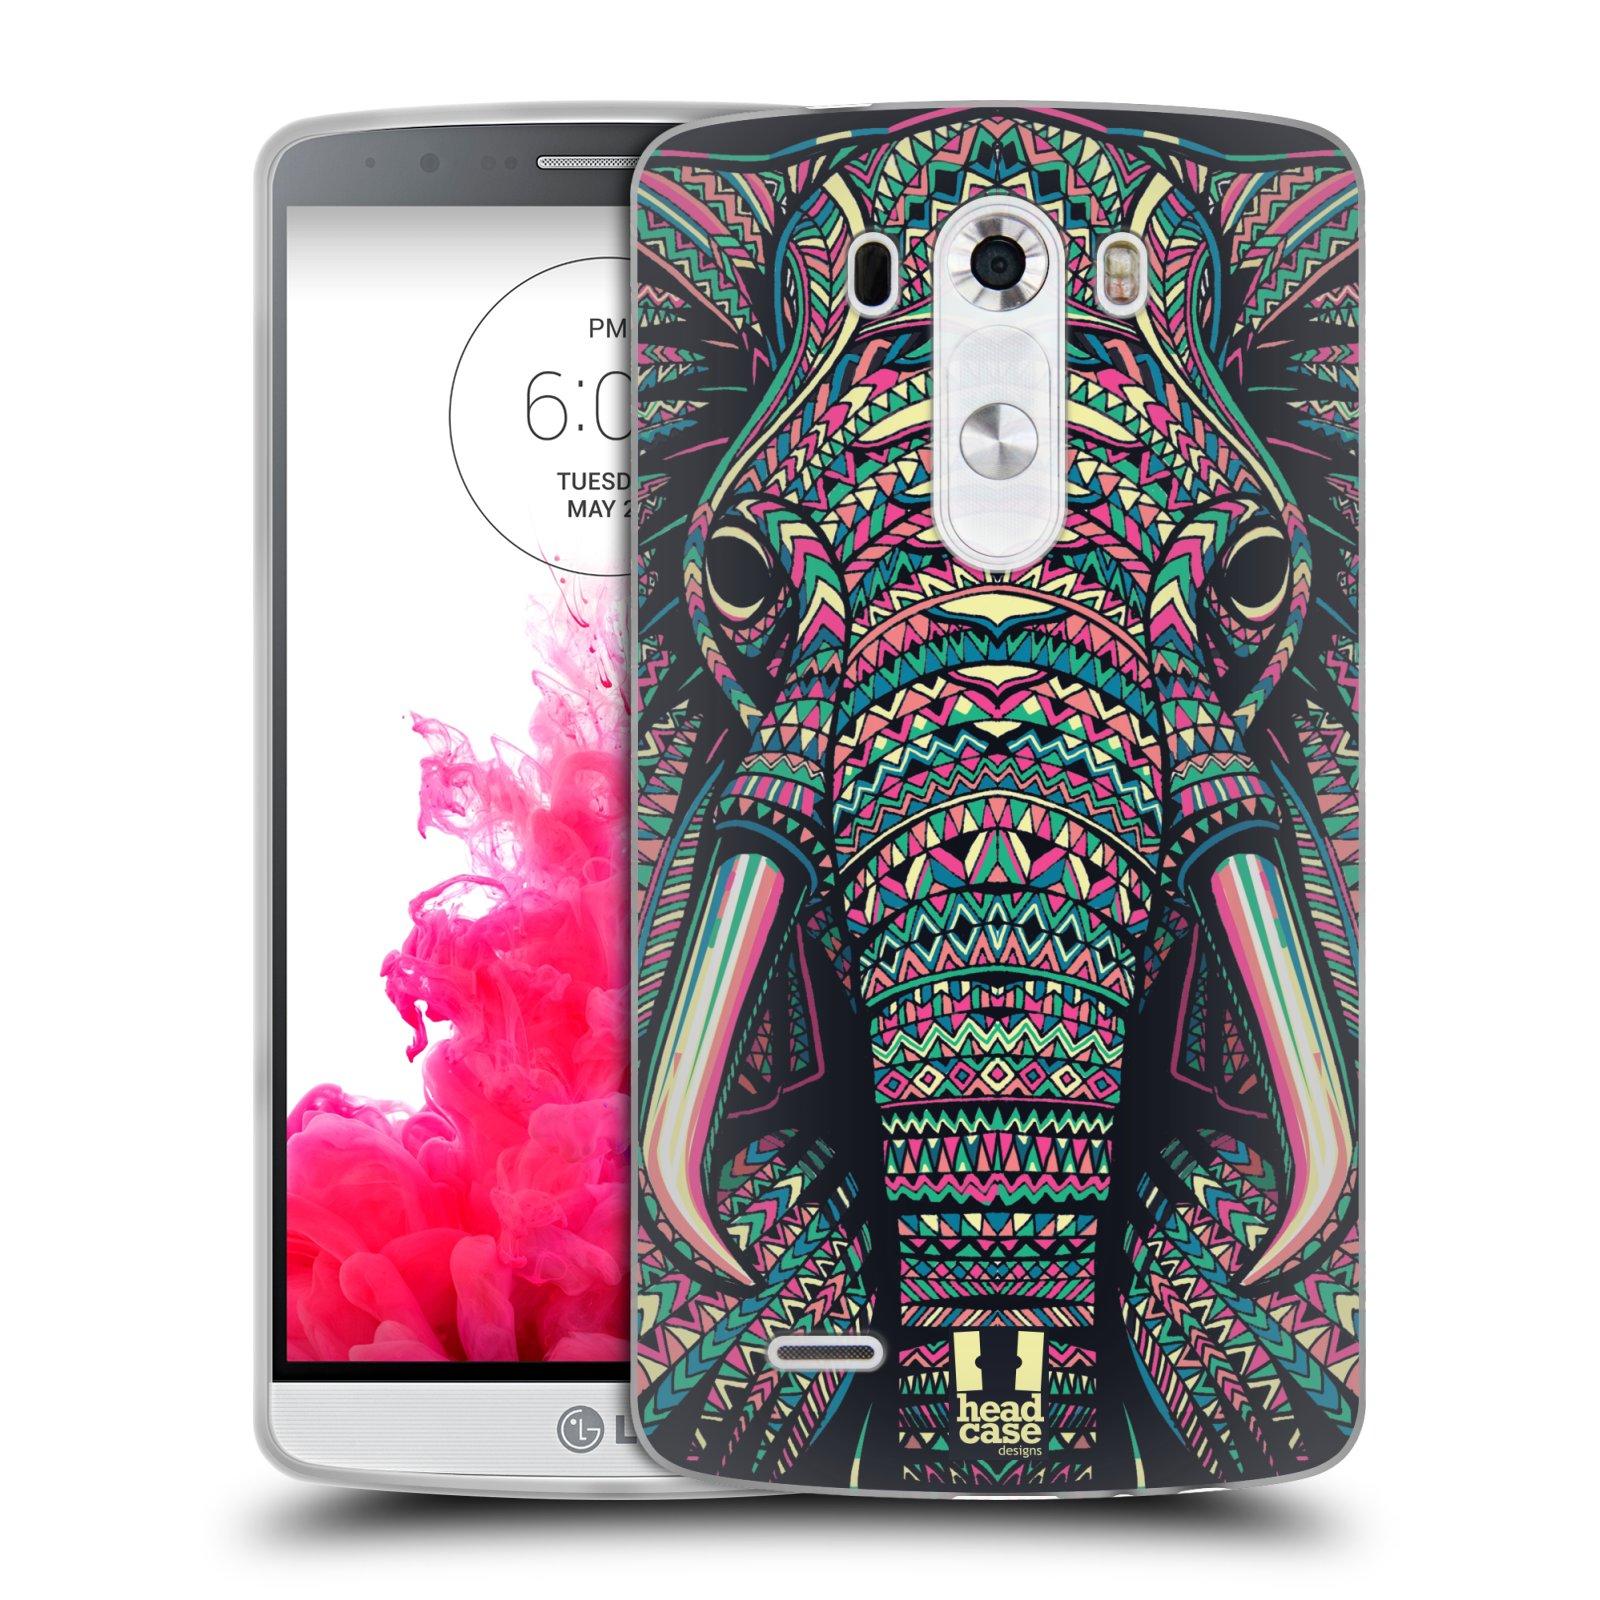 Silikonové pouzdro na mobil LG G3 HEAD CASE AZTEC SLON (Silikonový kryt či obal na mobilní telefon LG G3 D855)